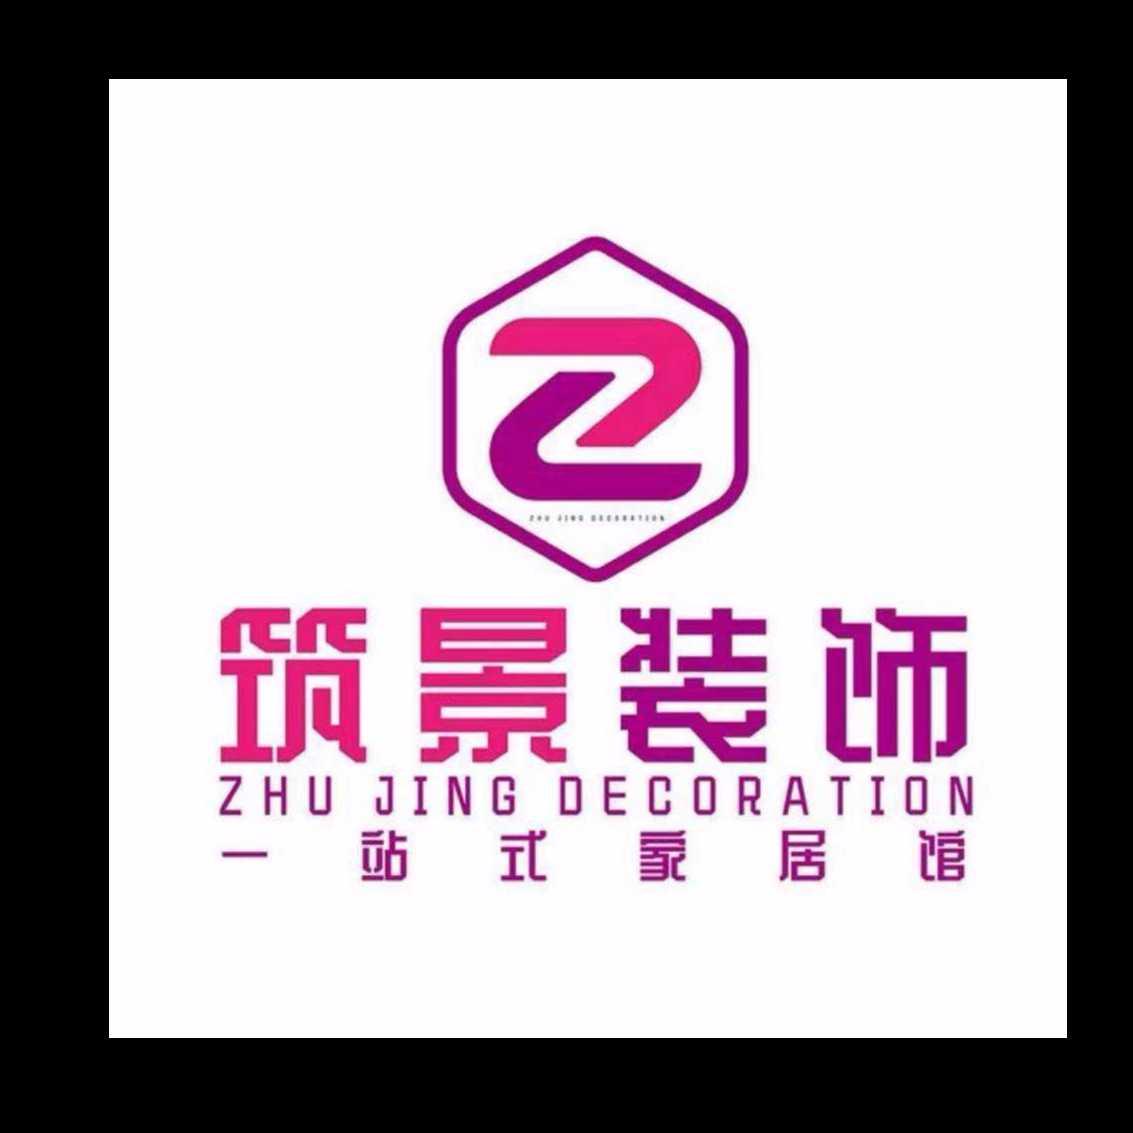 芜湖筑景装饰工程有限公司